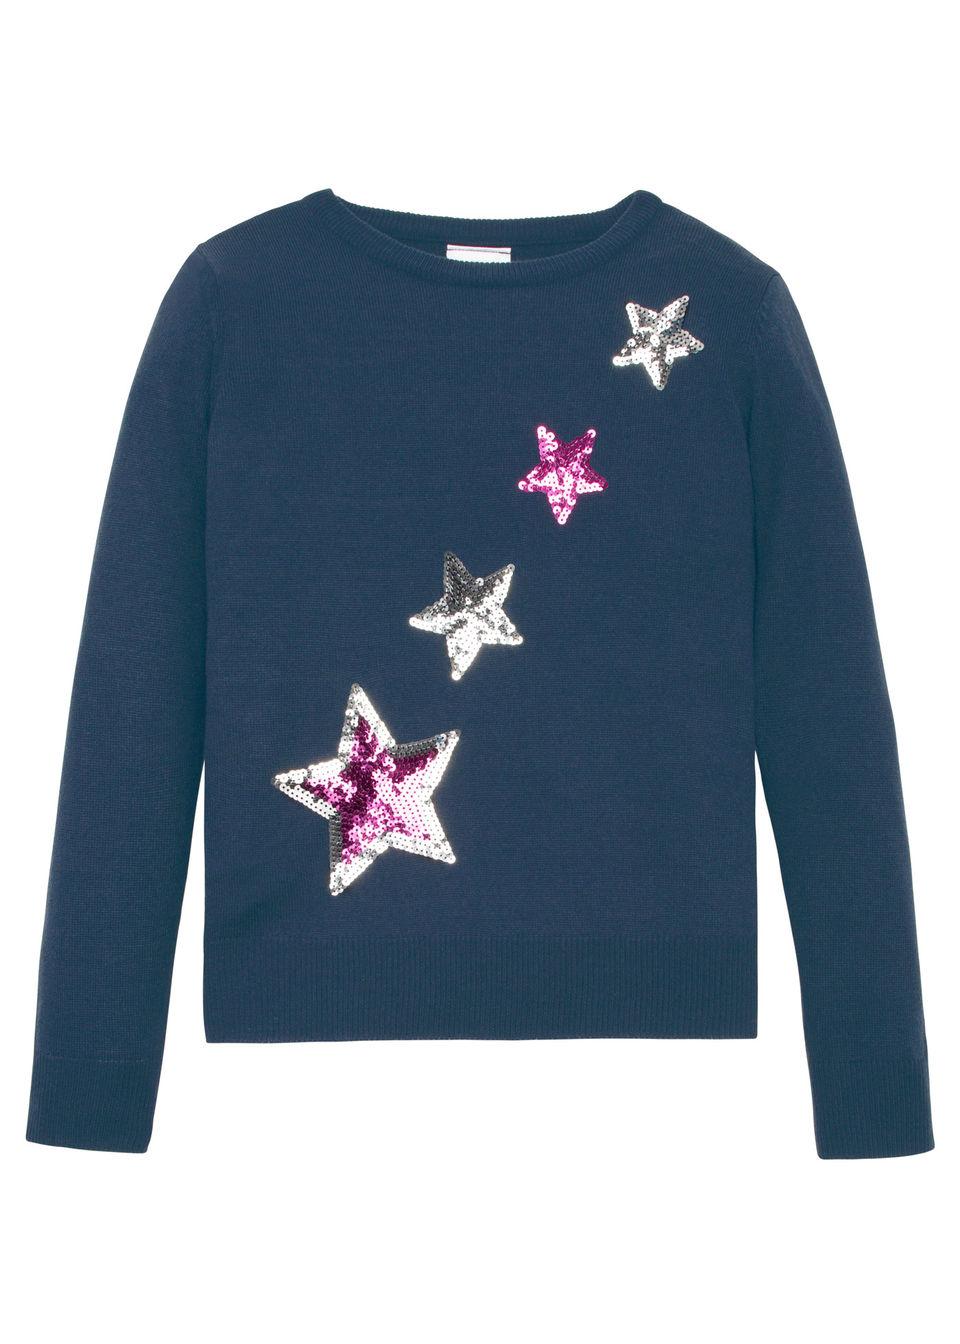 Вязаный пуловер с пайетками от bonprix